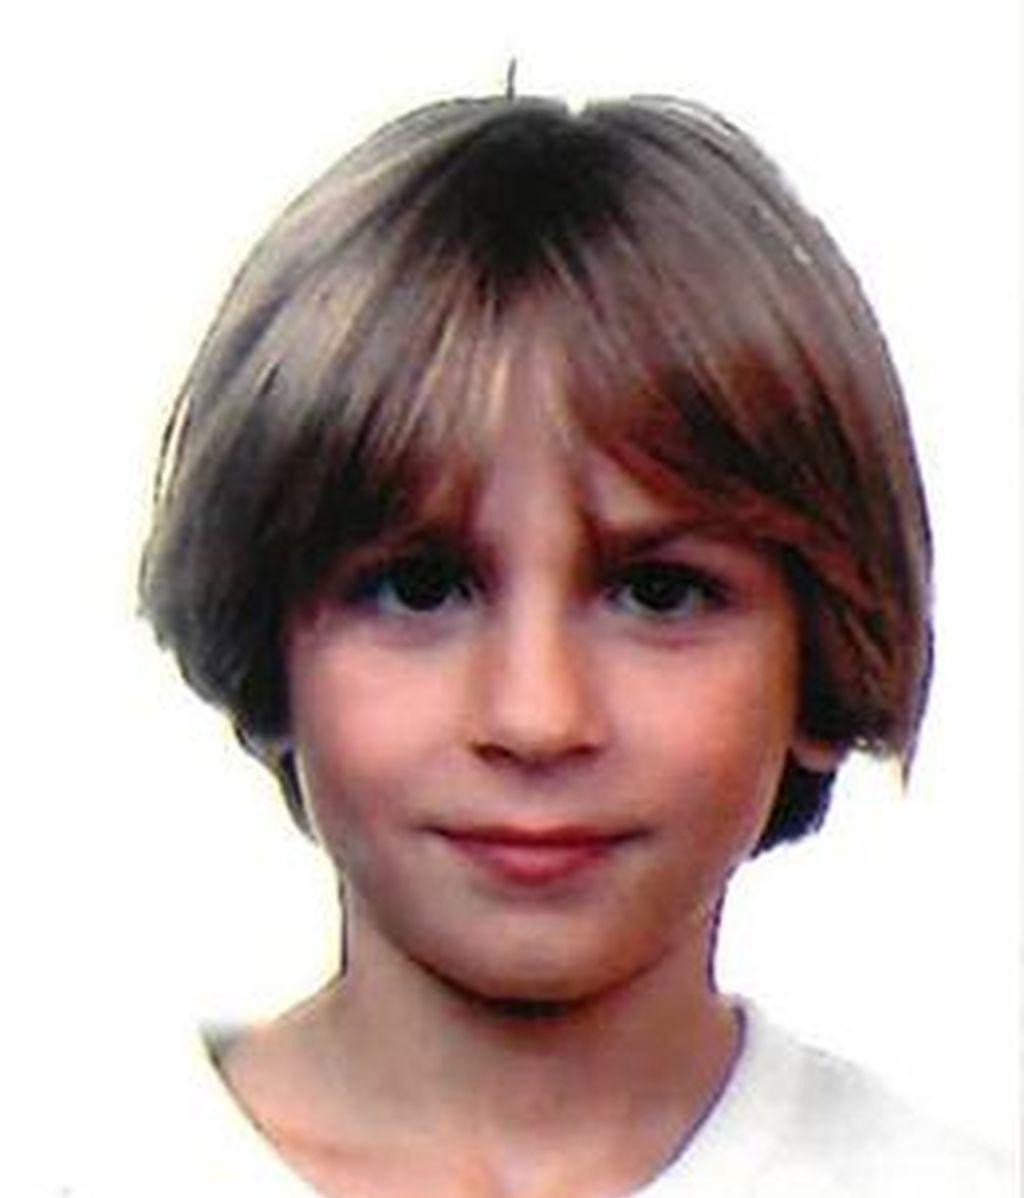 Niño desaparecido en Tarragona